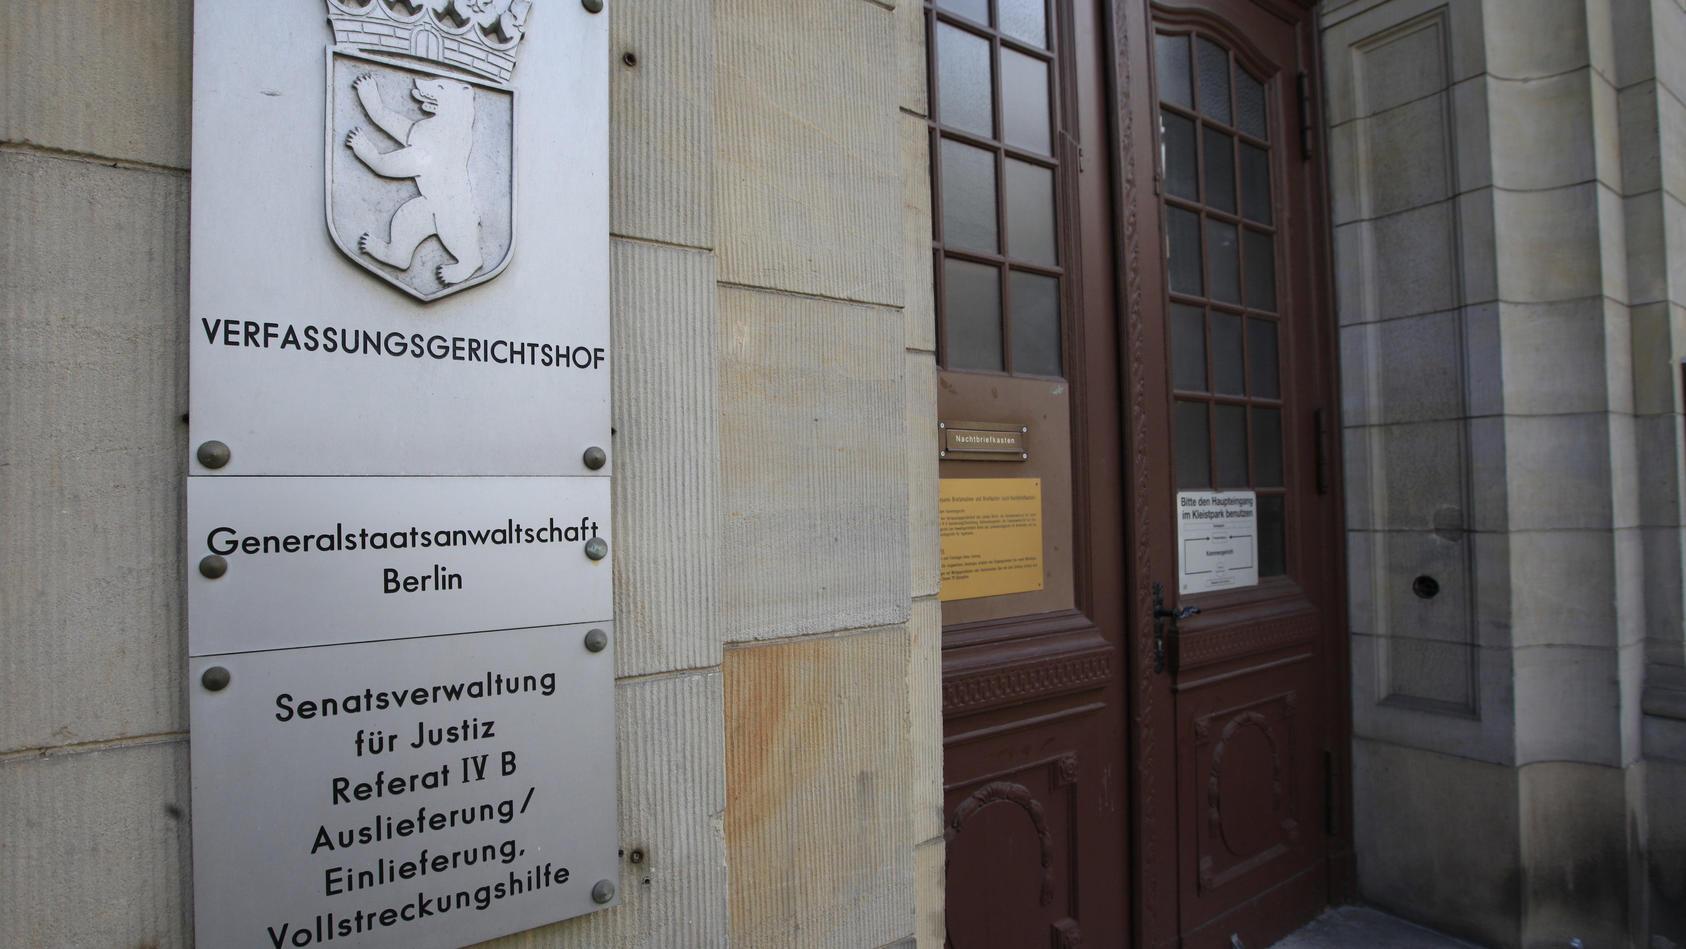 Generalstaatsanwaltschaft Berlin